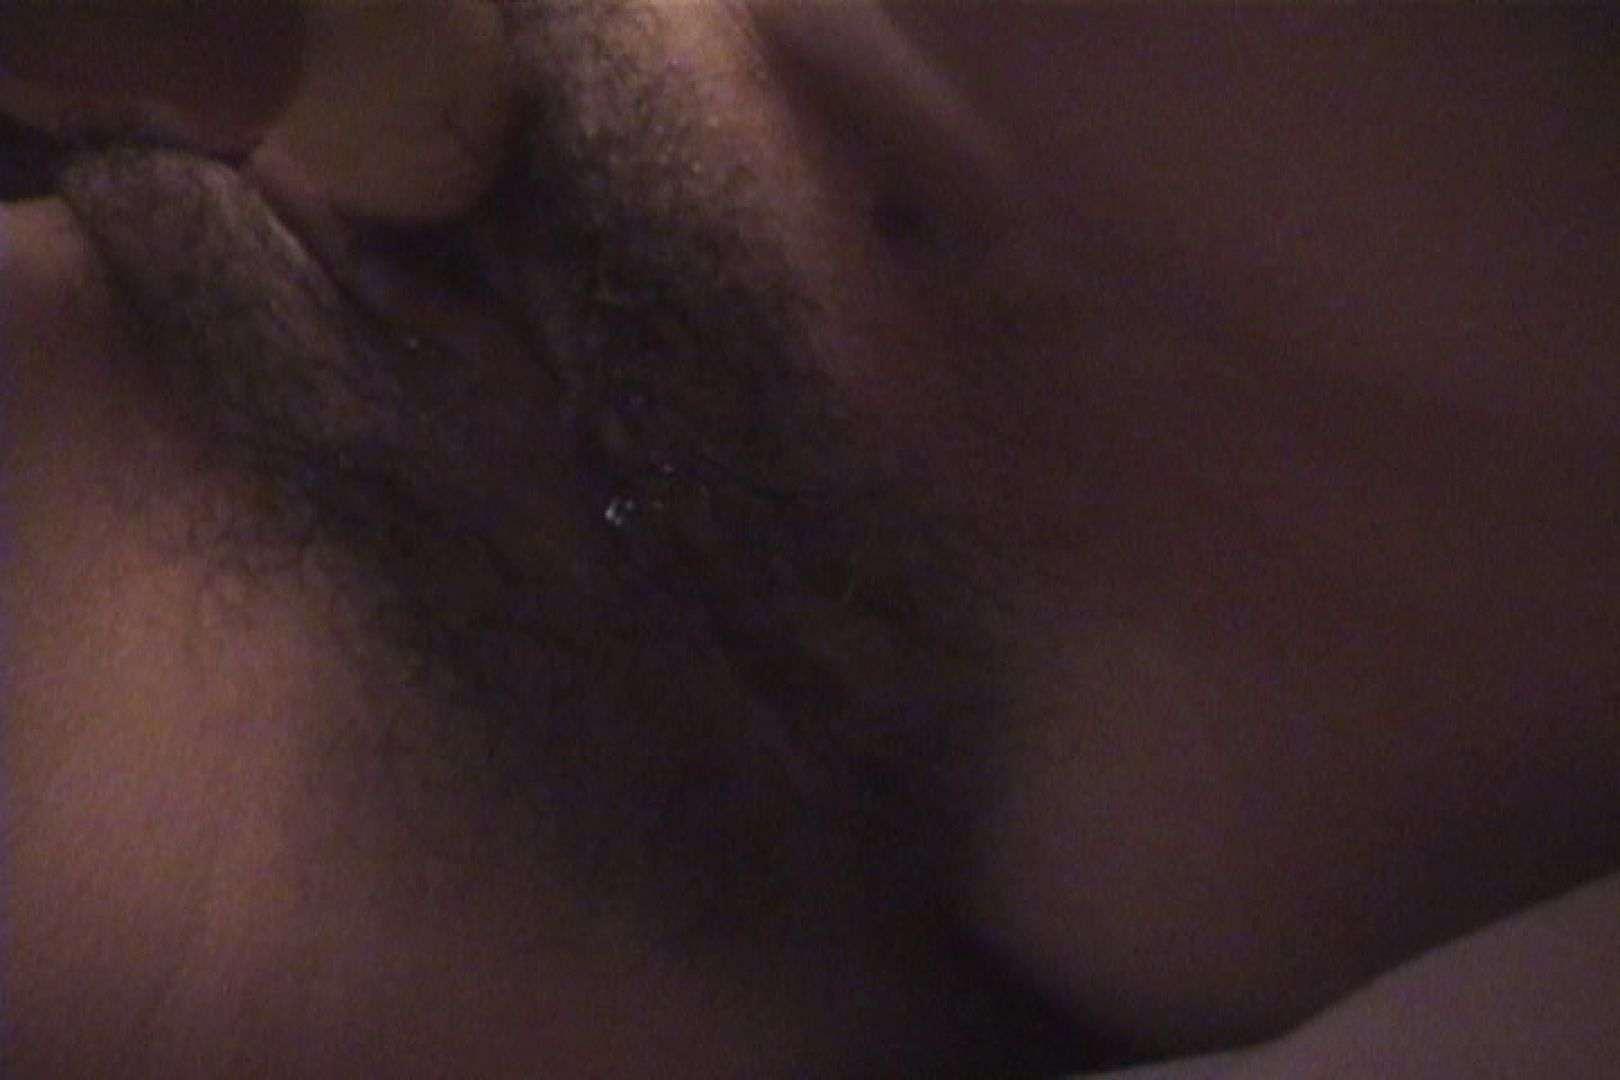 歯科衛生士バージンアラサー30歳まきVol.3 OLヌード天国 | リベンジポルノ  99PIX 51